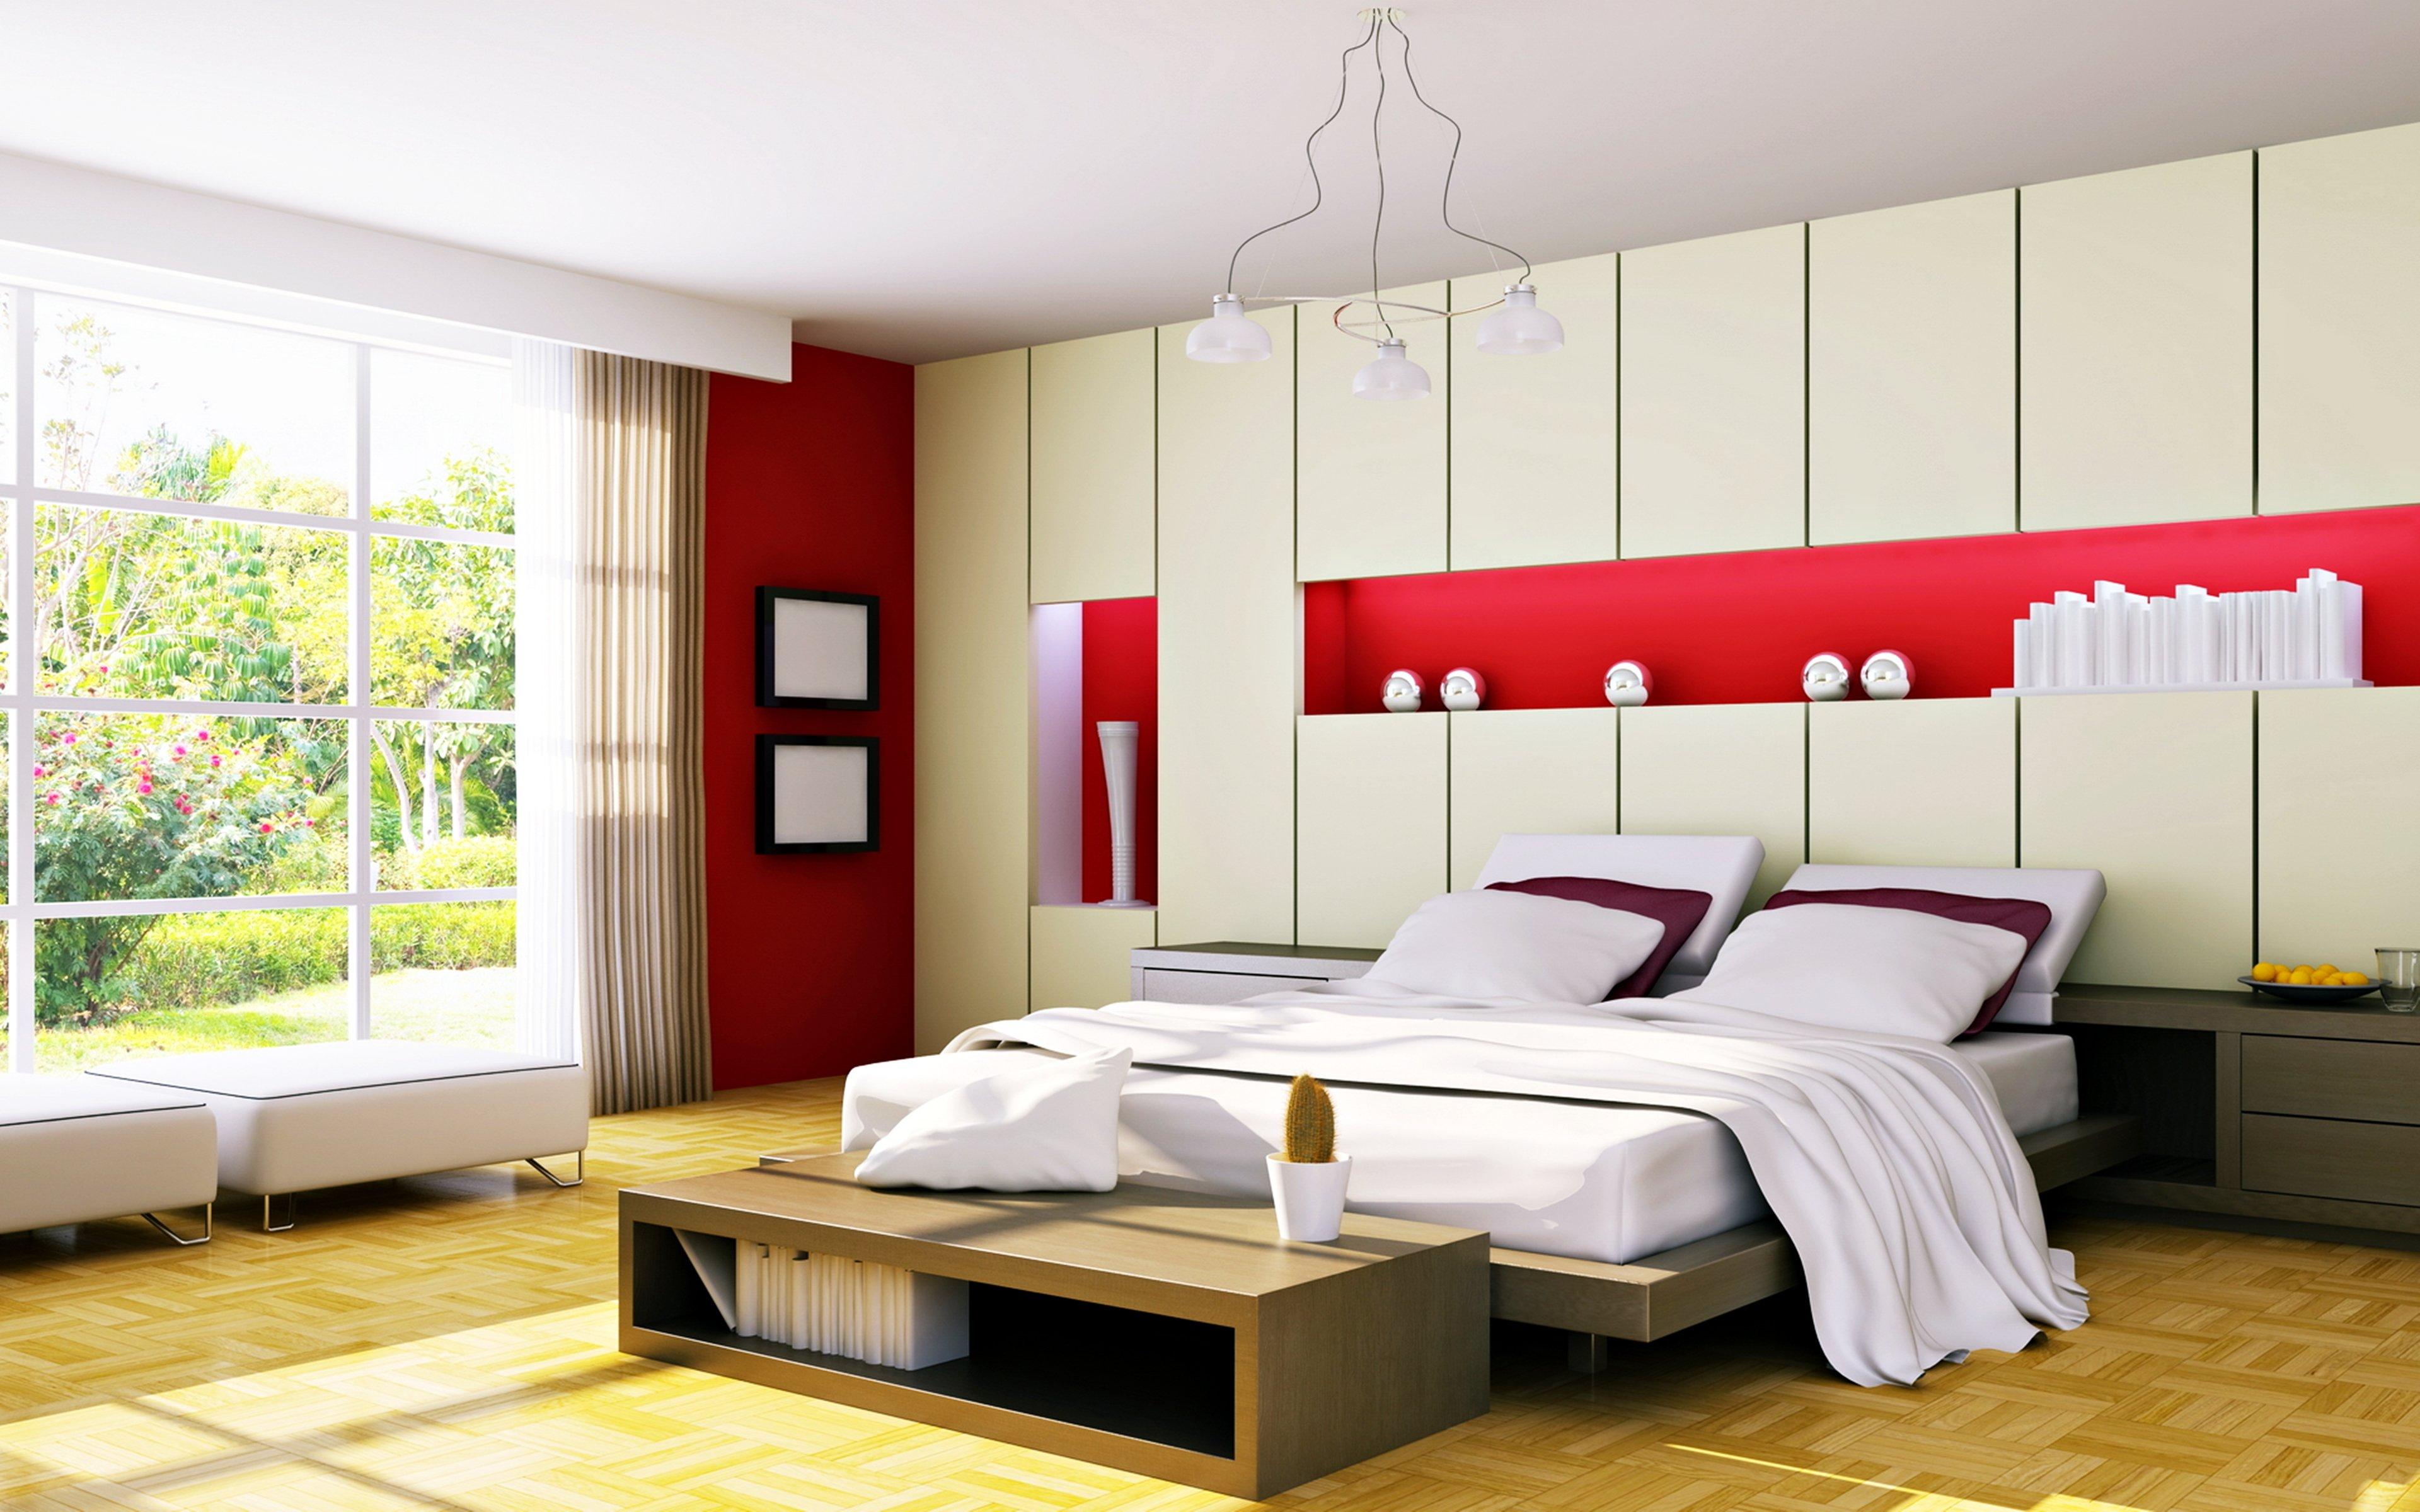 Download Hd 3840x2400 Bedroom Desktop Wallpaper Id227756 For Free